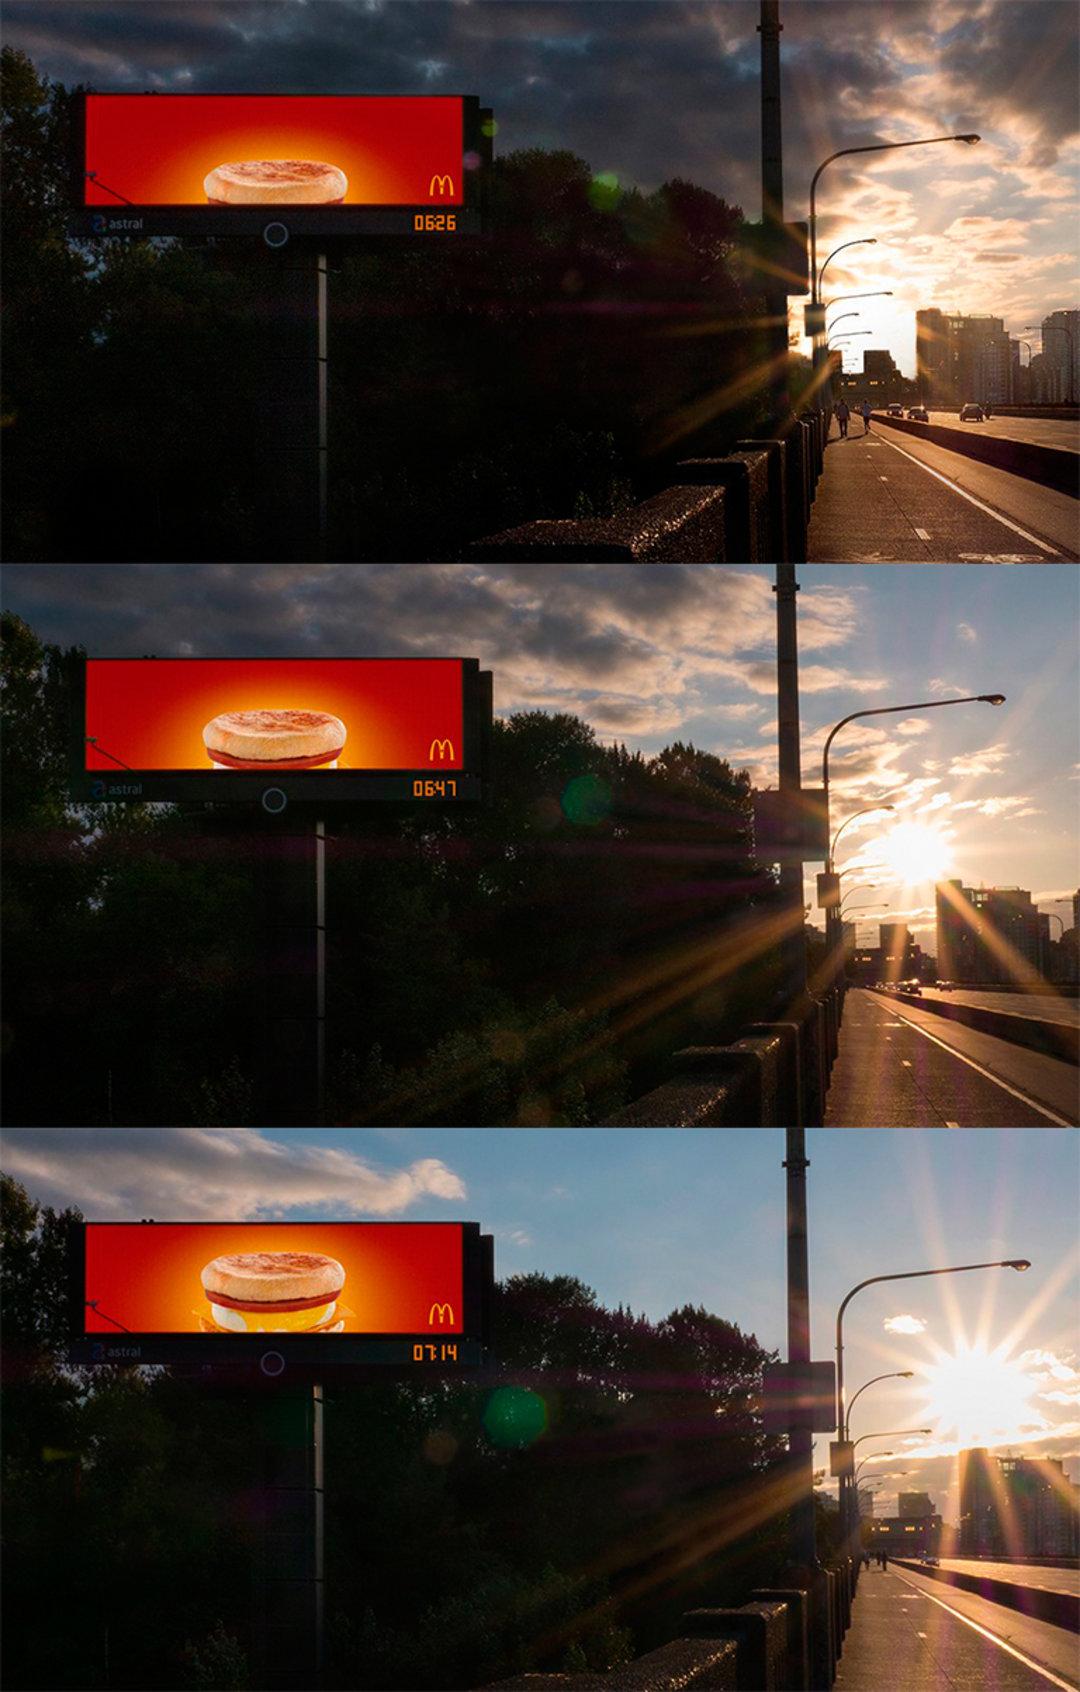 麦当劳在路边放了一组广告,堵到心慌就提醒你去吃汉堡_商业_好奇心日报